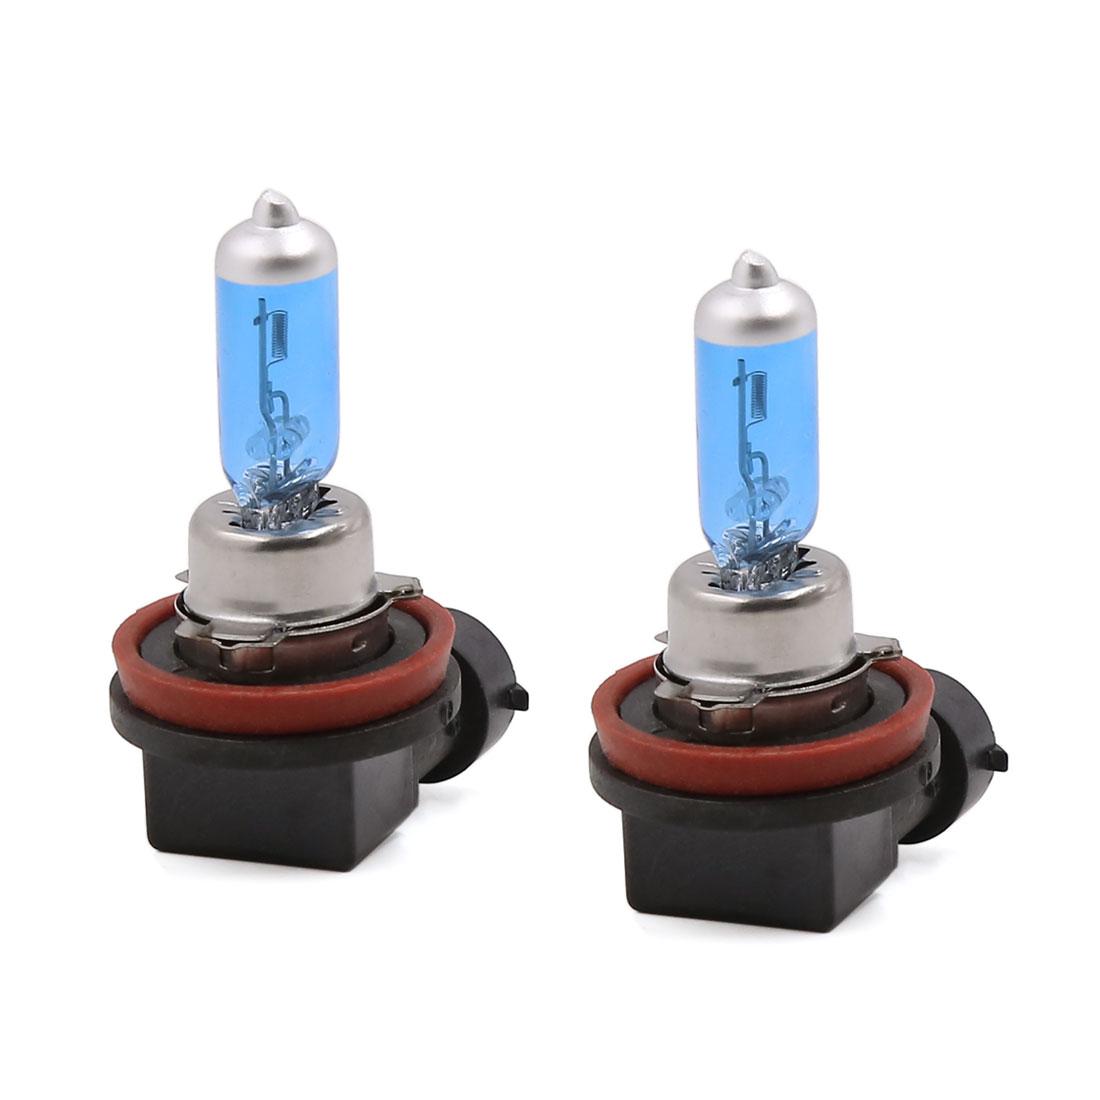 2 Pcs 12V 100W H11 Socket Super White Fog Halogen Bulb Head Light Lamp for Car